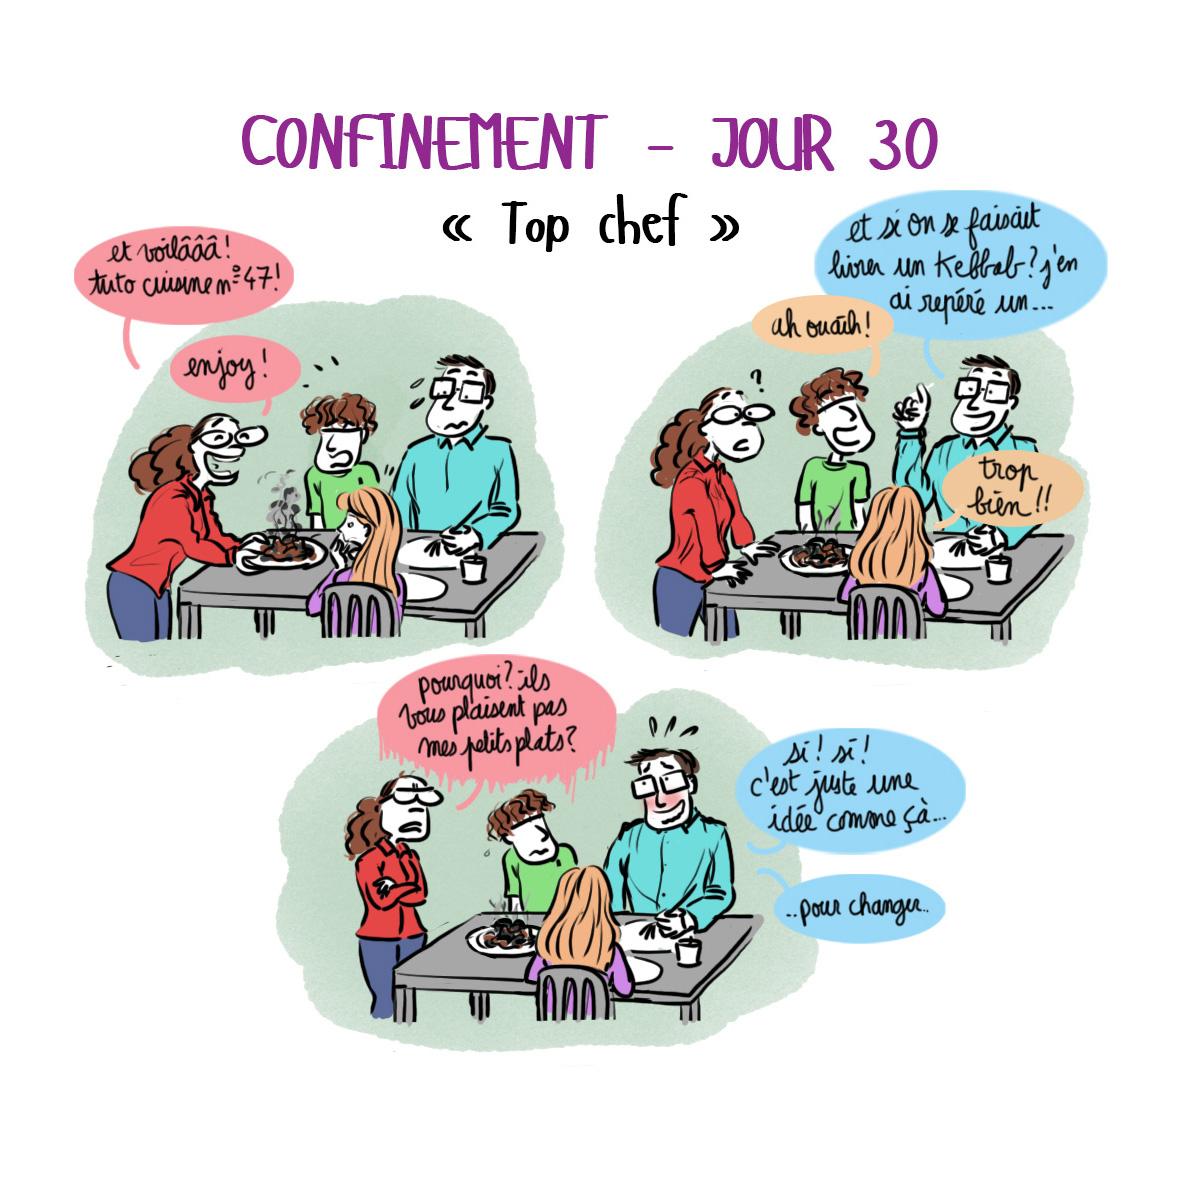 Journal de confinement - jour 30